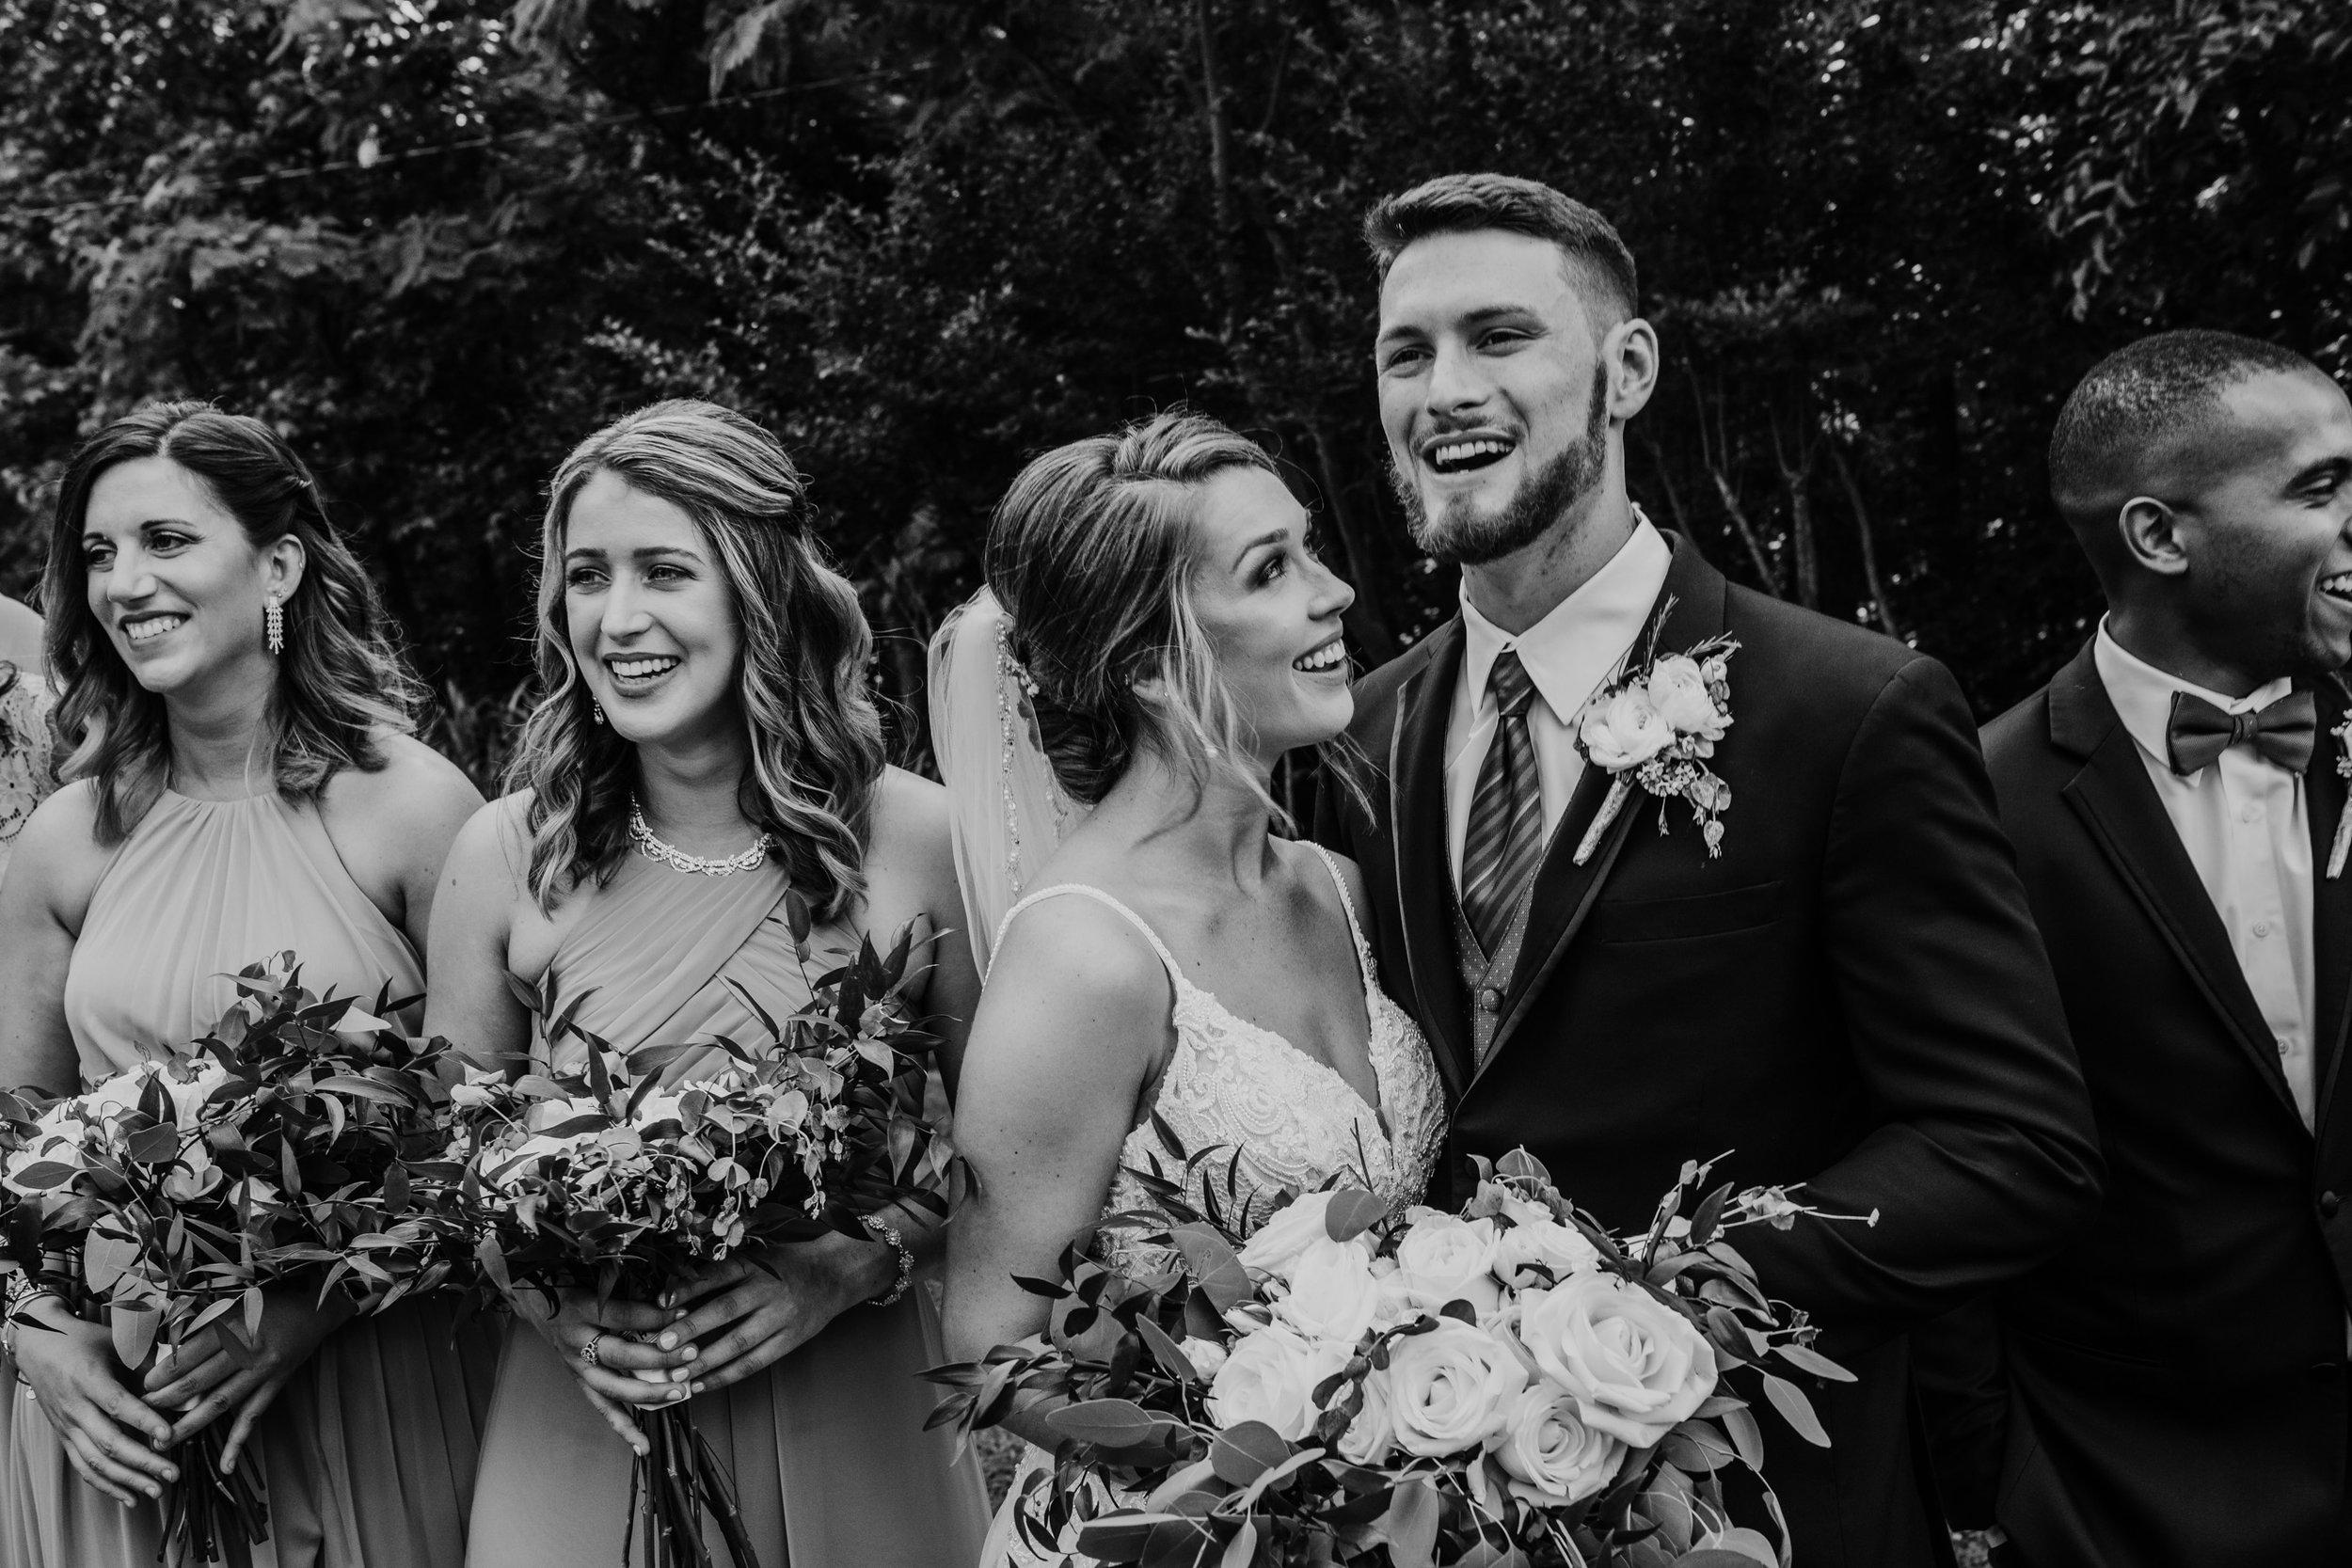 best-bride-and-groom-photos.jpg